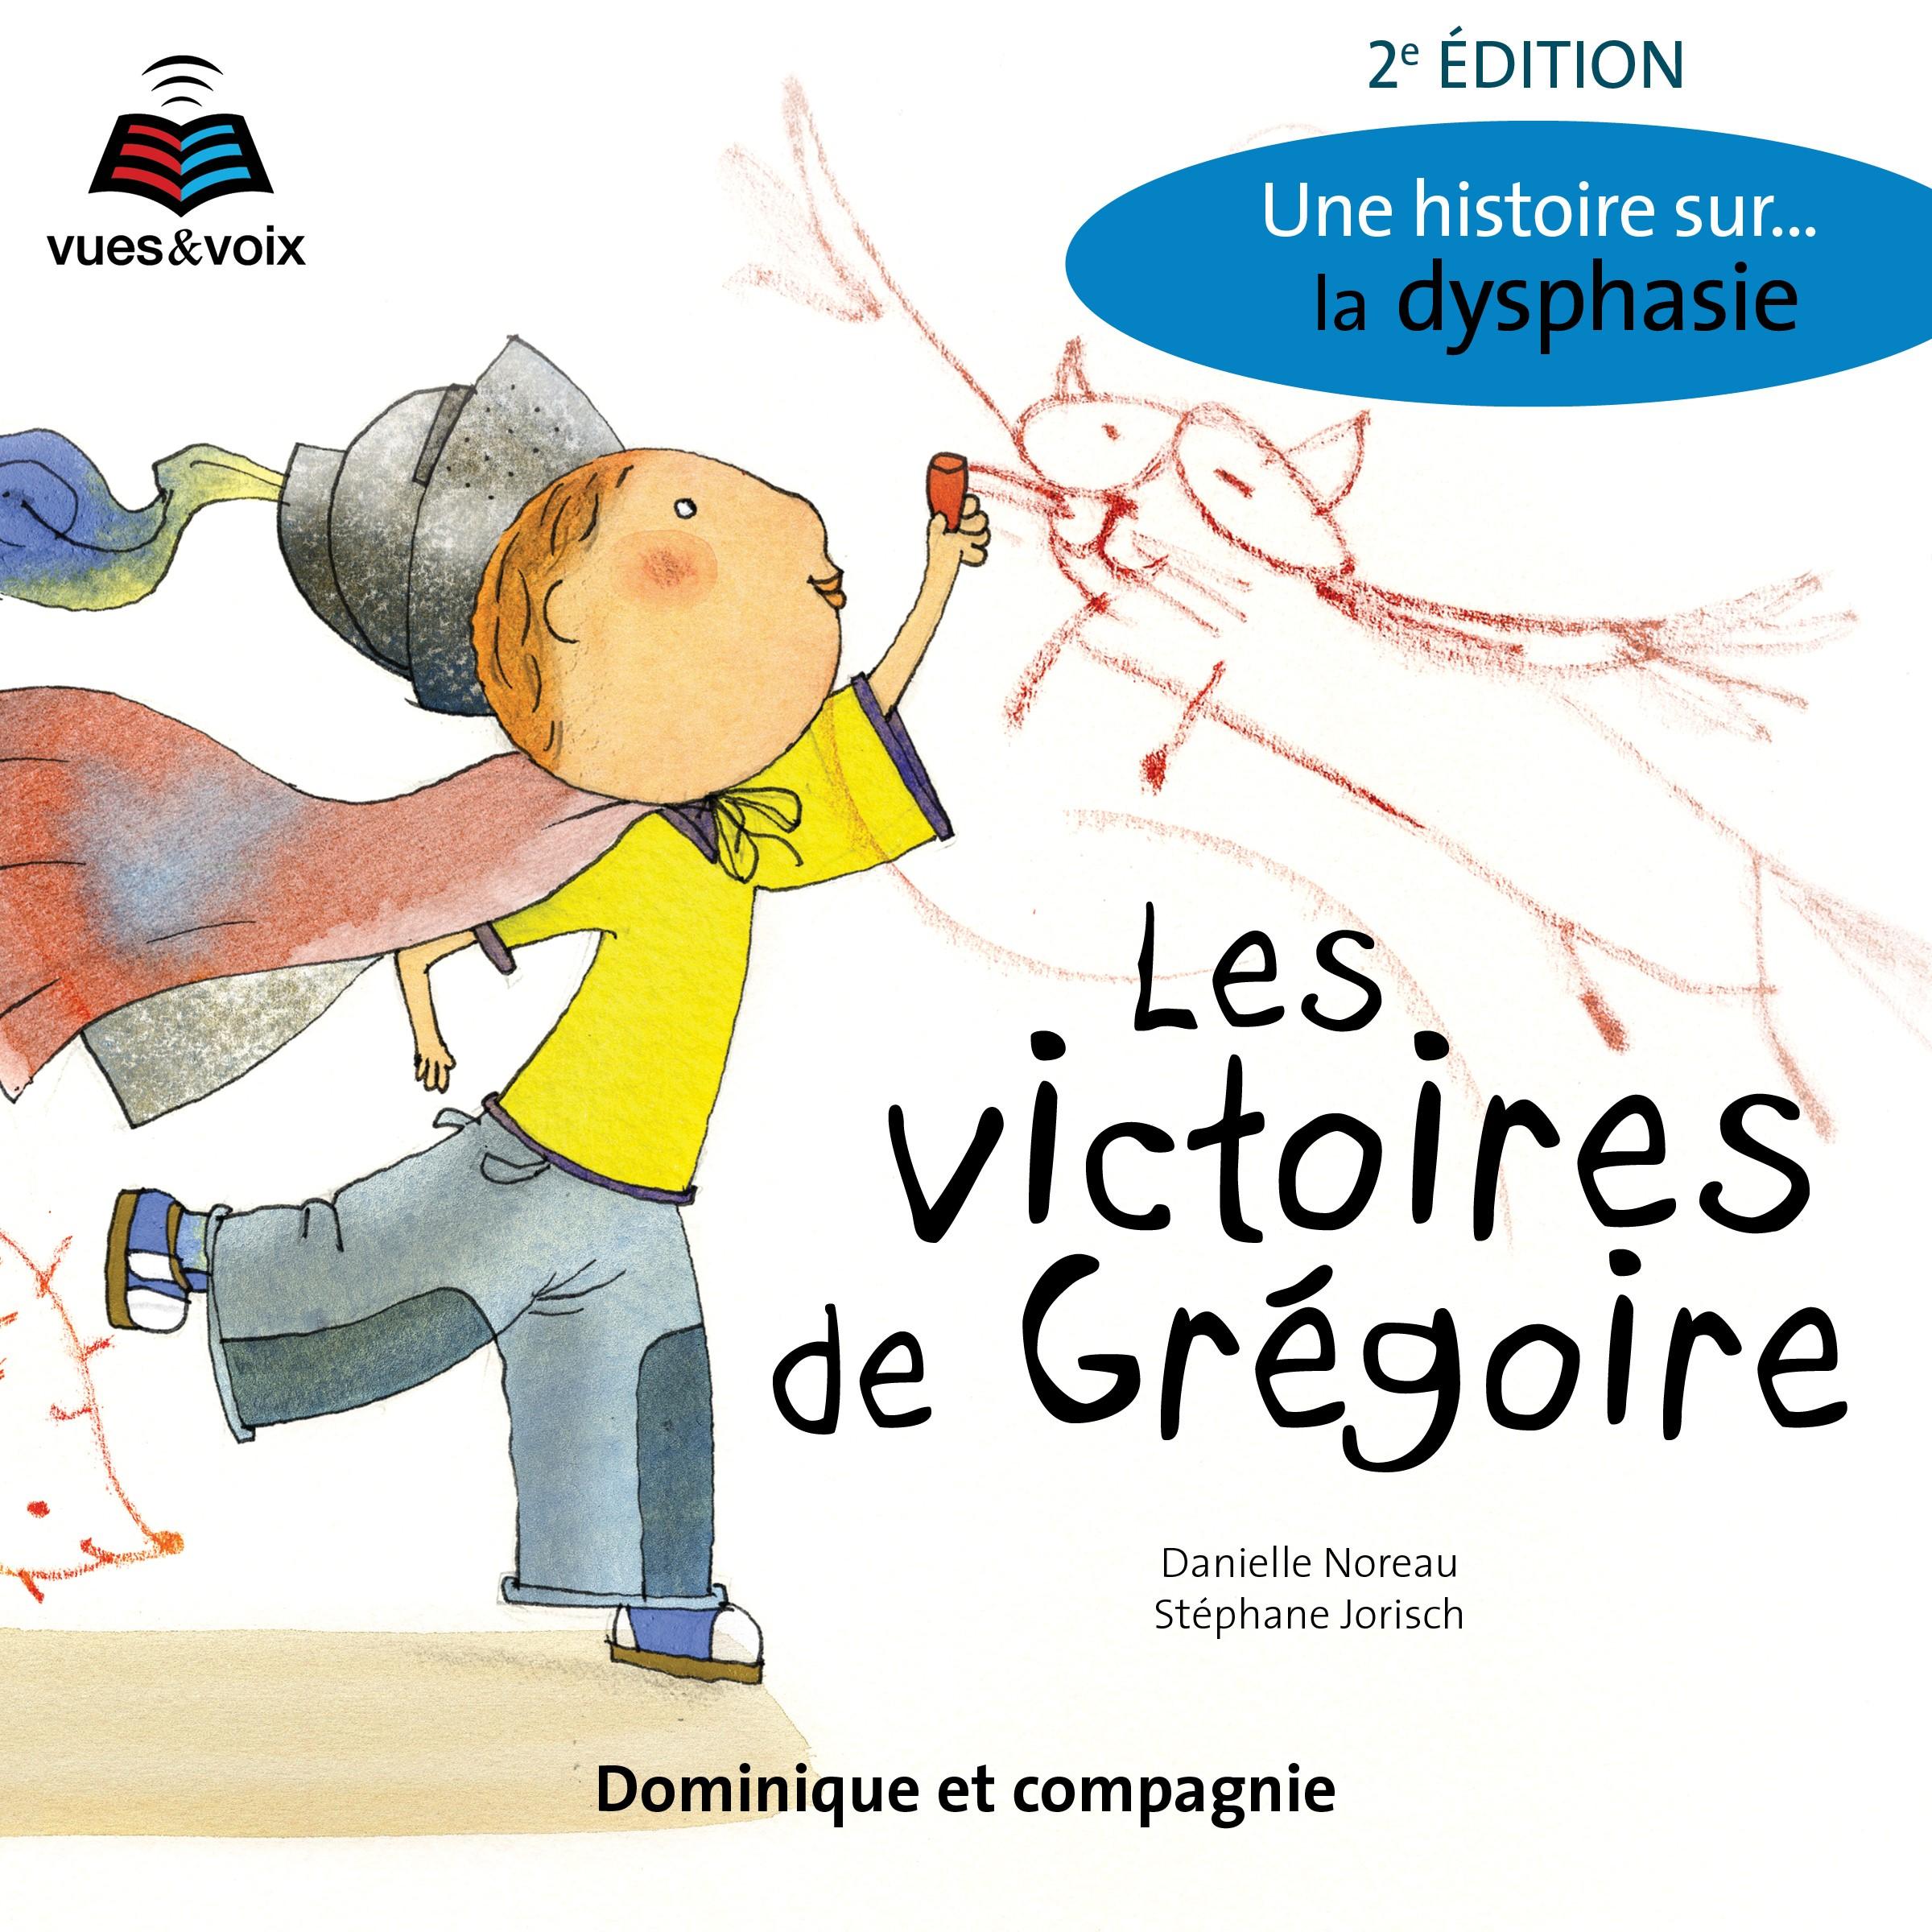 Les victoires de Grégoire: une histoire sur... la dysphasie